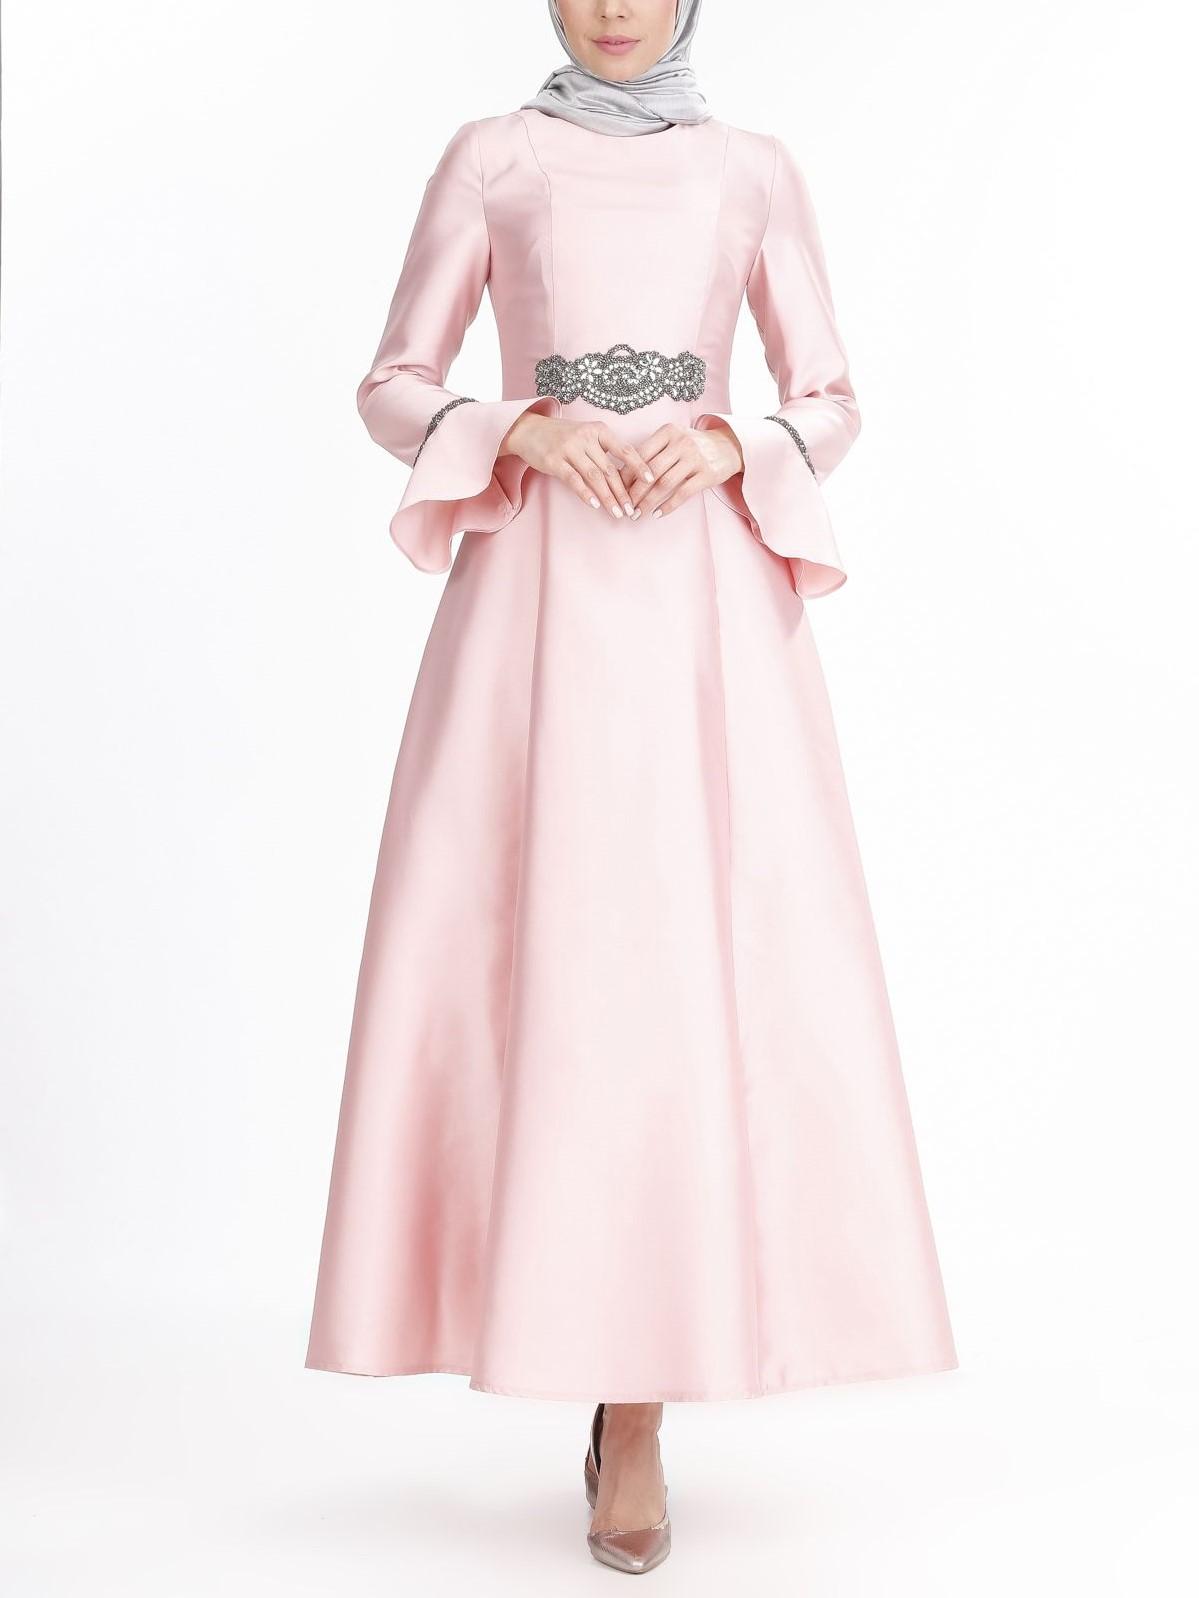 مدل لباس مجلسی بلند زنانه شیک و جدید